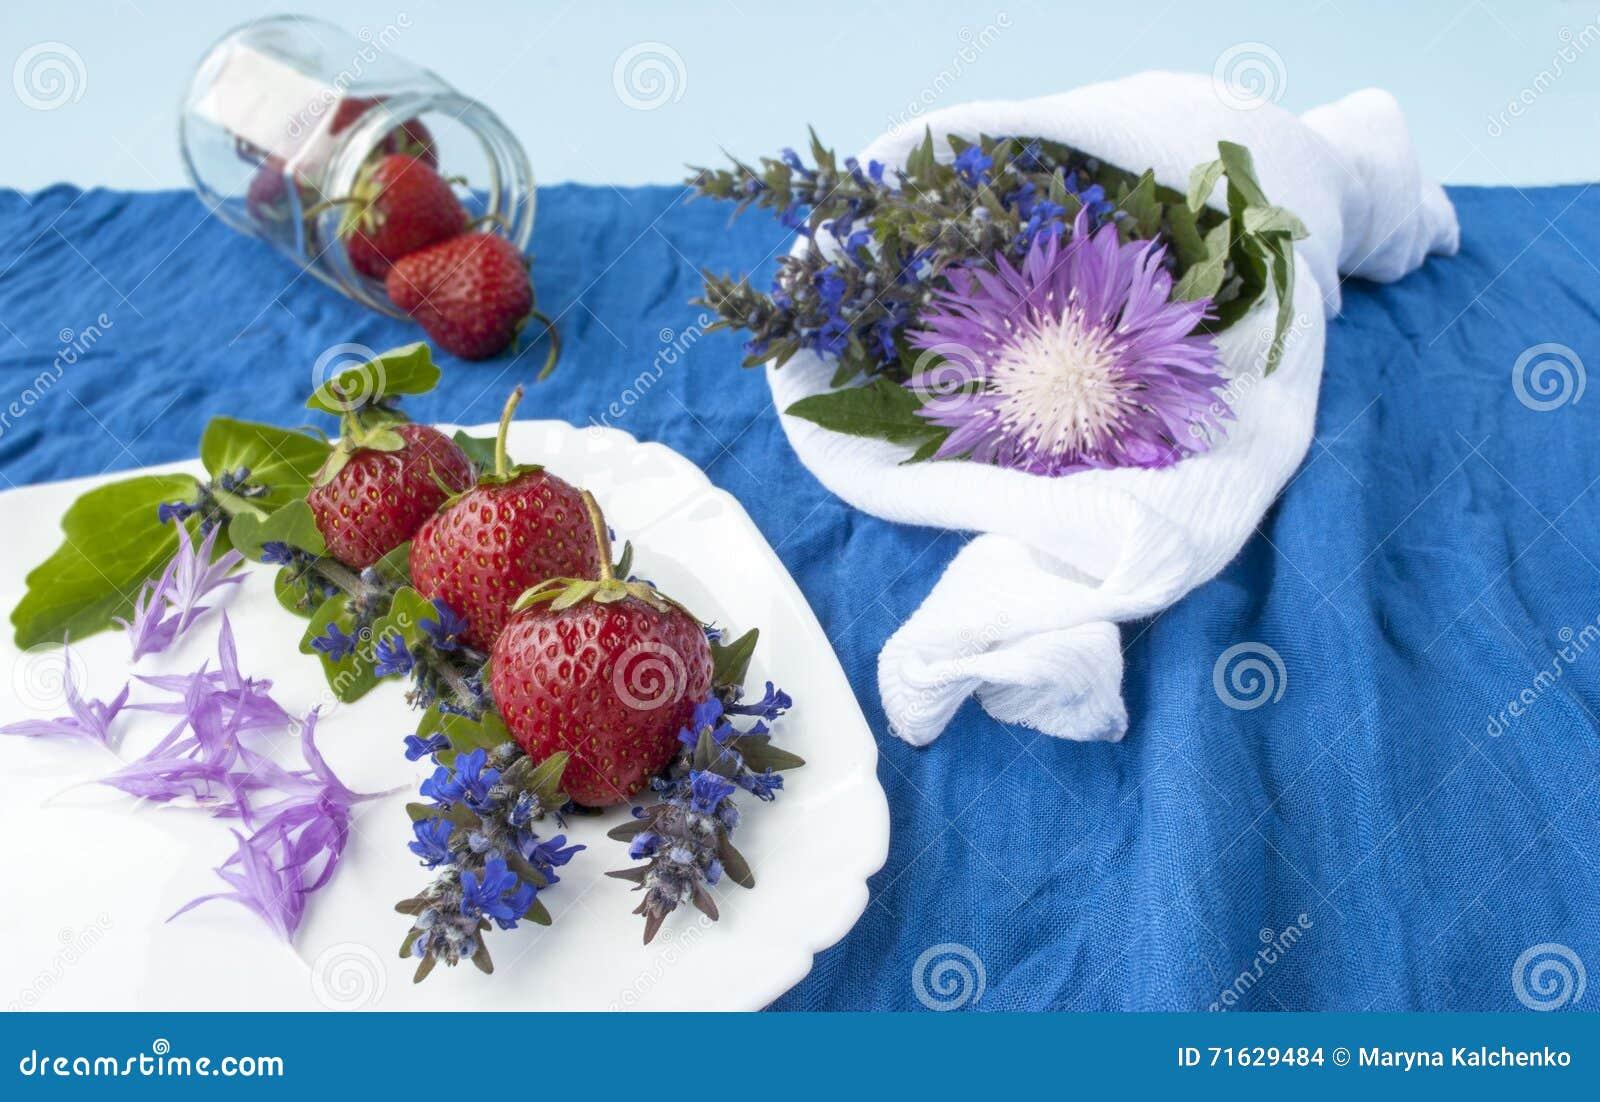 Fresas en un fondo de las flores de la primavera,